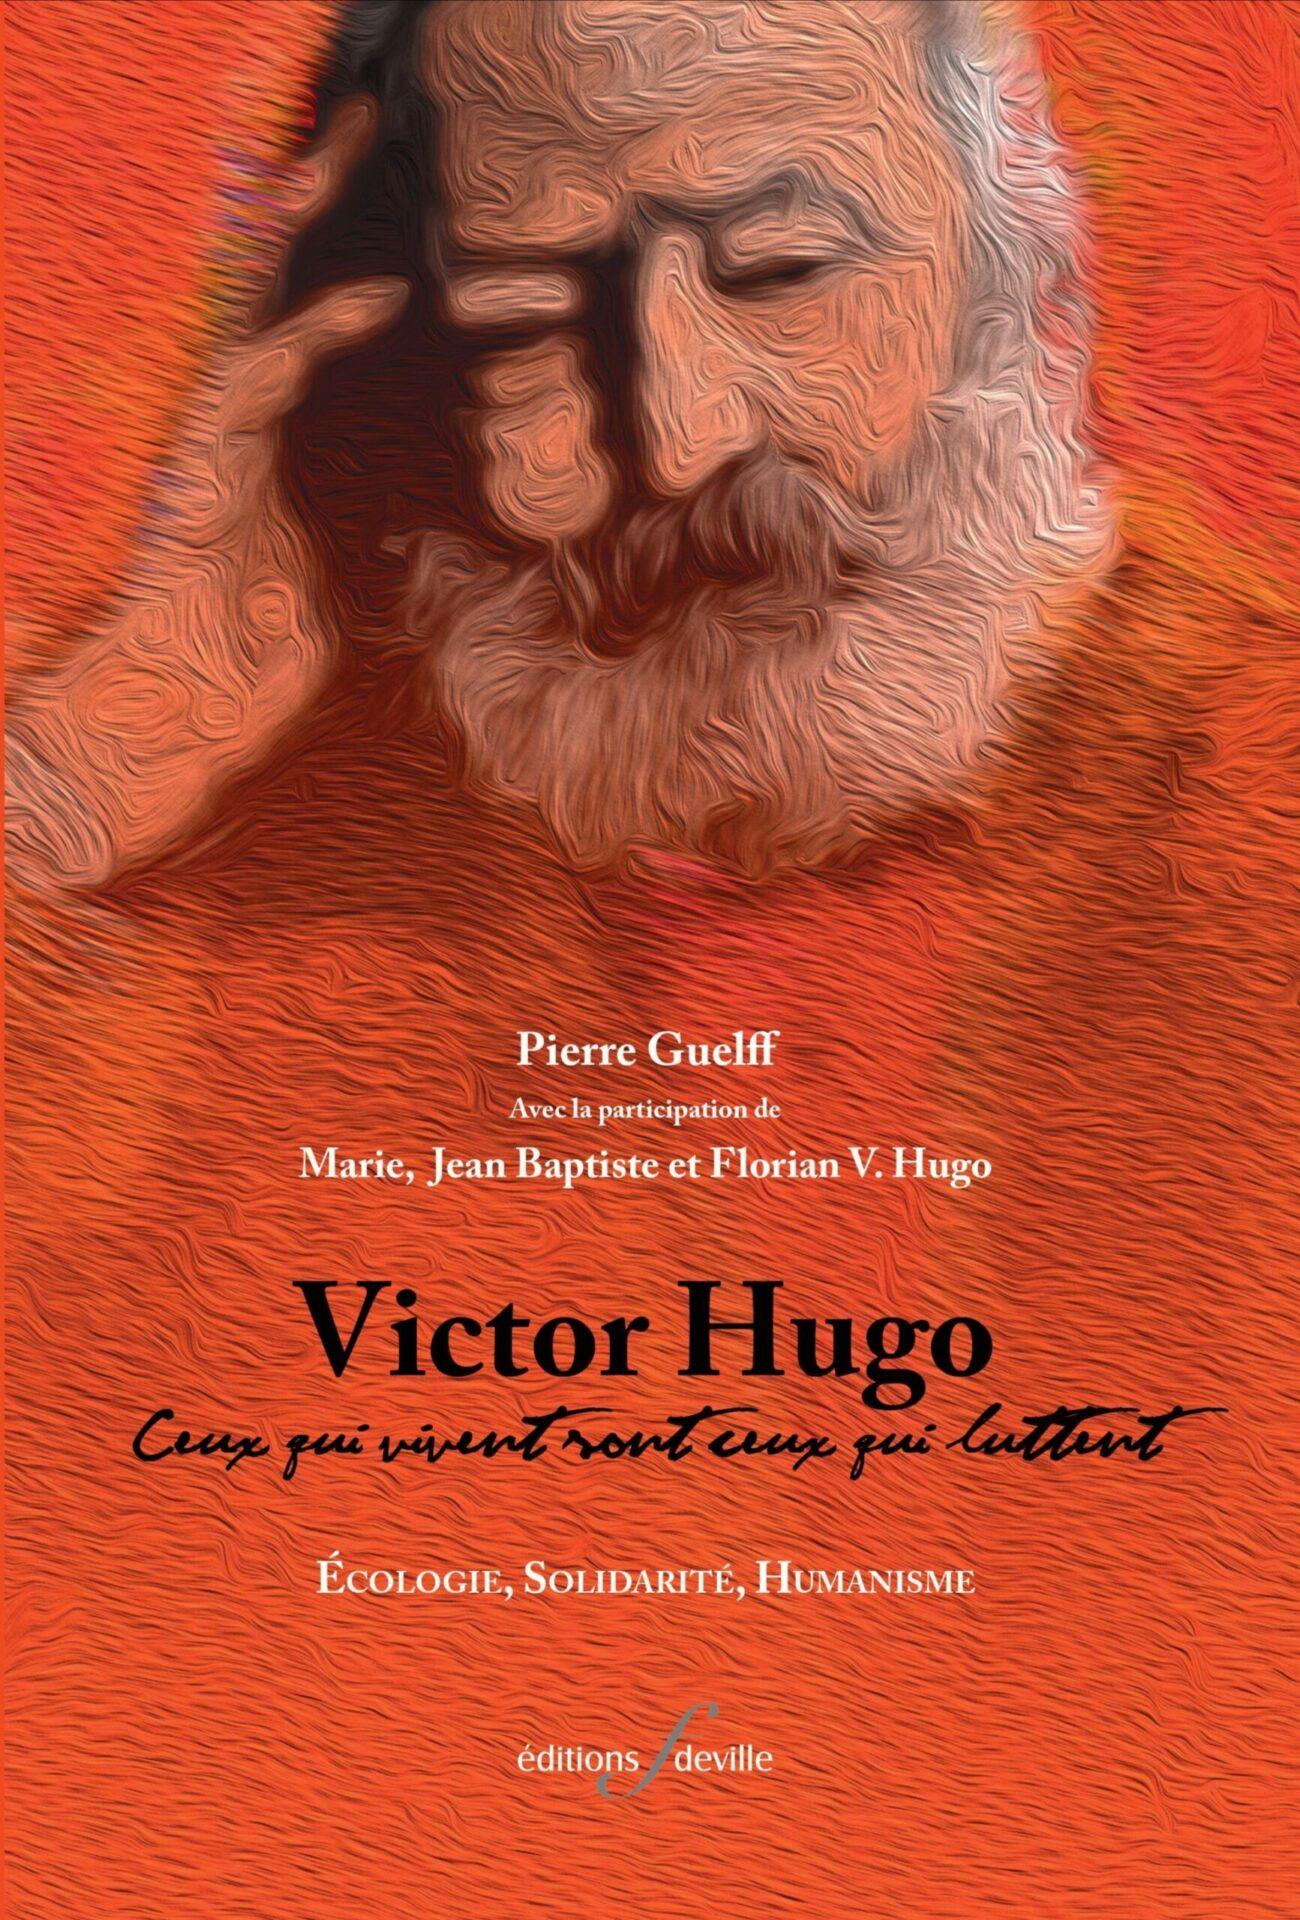 Victor Hugo, Ceux qui vivent sont ceux qui luttent de Pierre Guelff